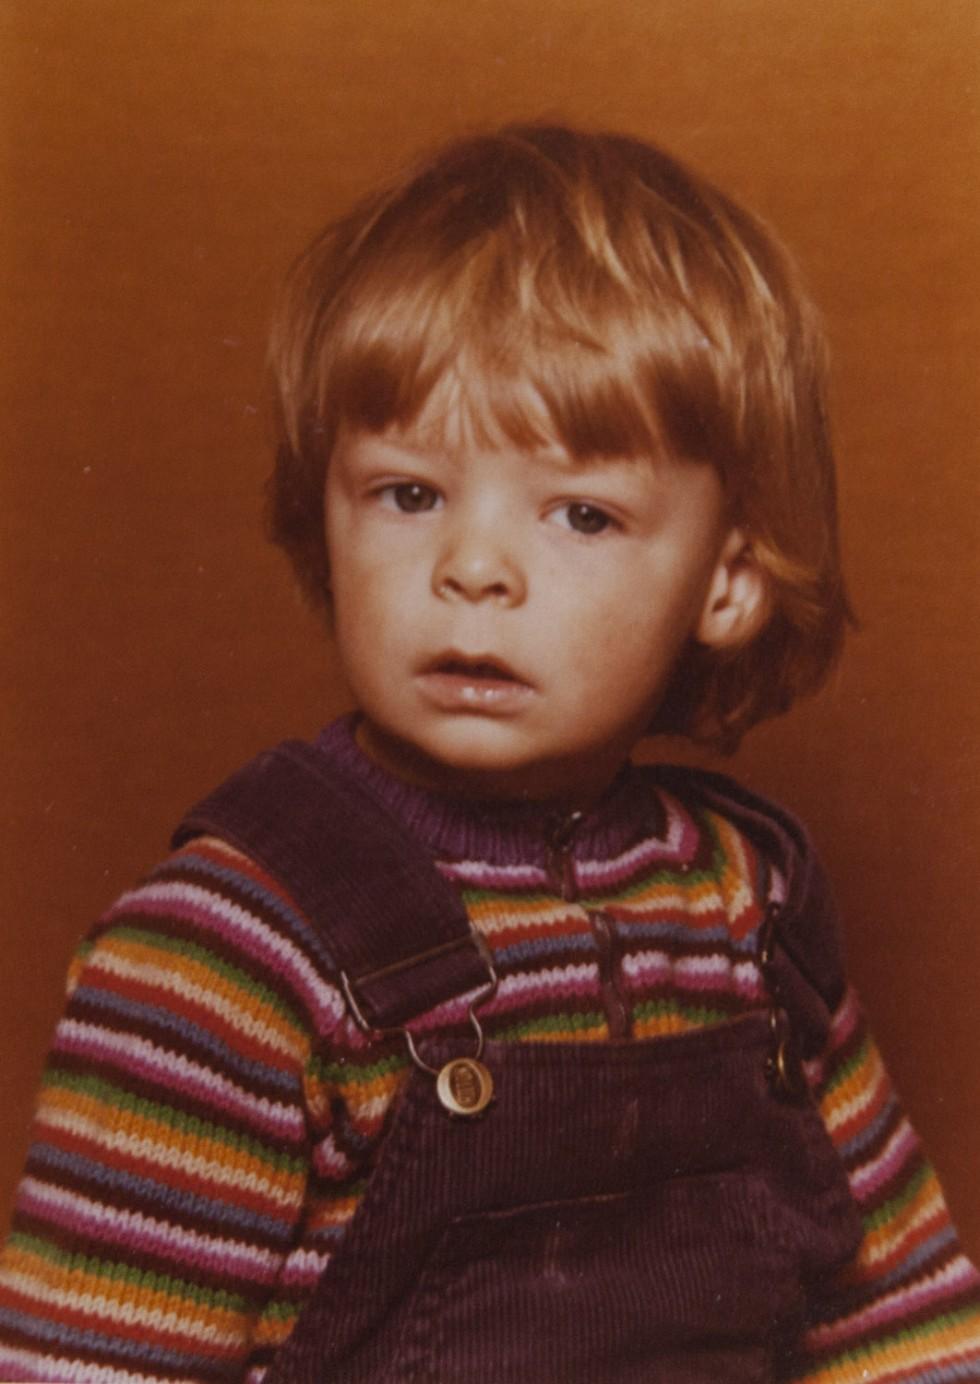 Første portrætbillede, ca. 1981.